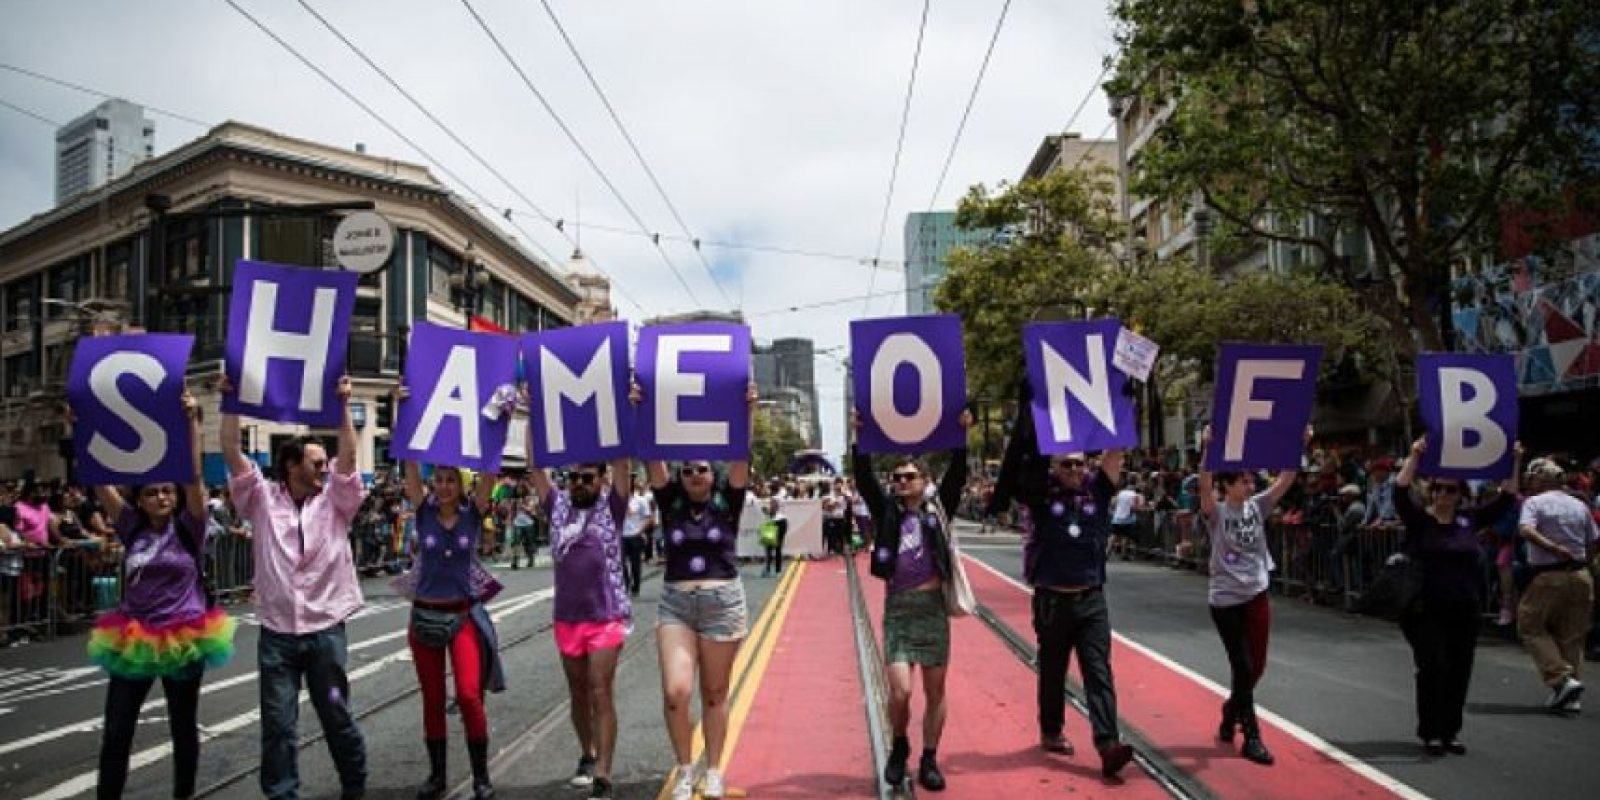 Ashley también expuso en su publicación que quería que su historia fuera difundida y sirviera para despertar conciencias respecto a la discriminación que sufren las personas transexuales. Foto:Getty Images